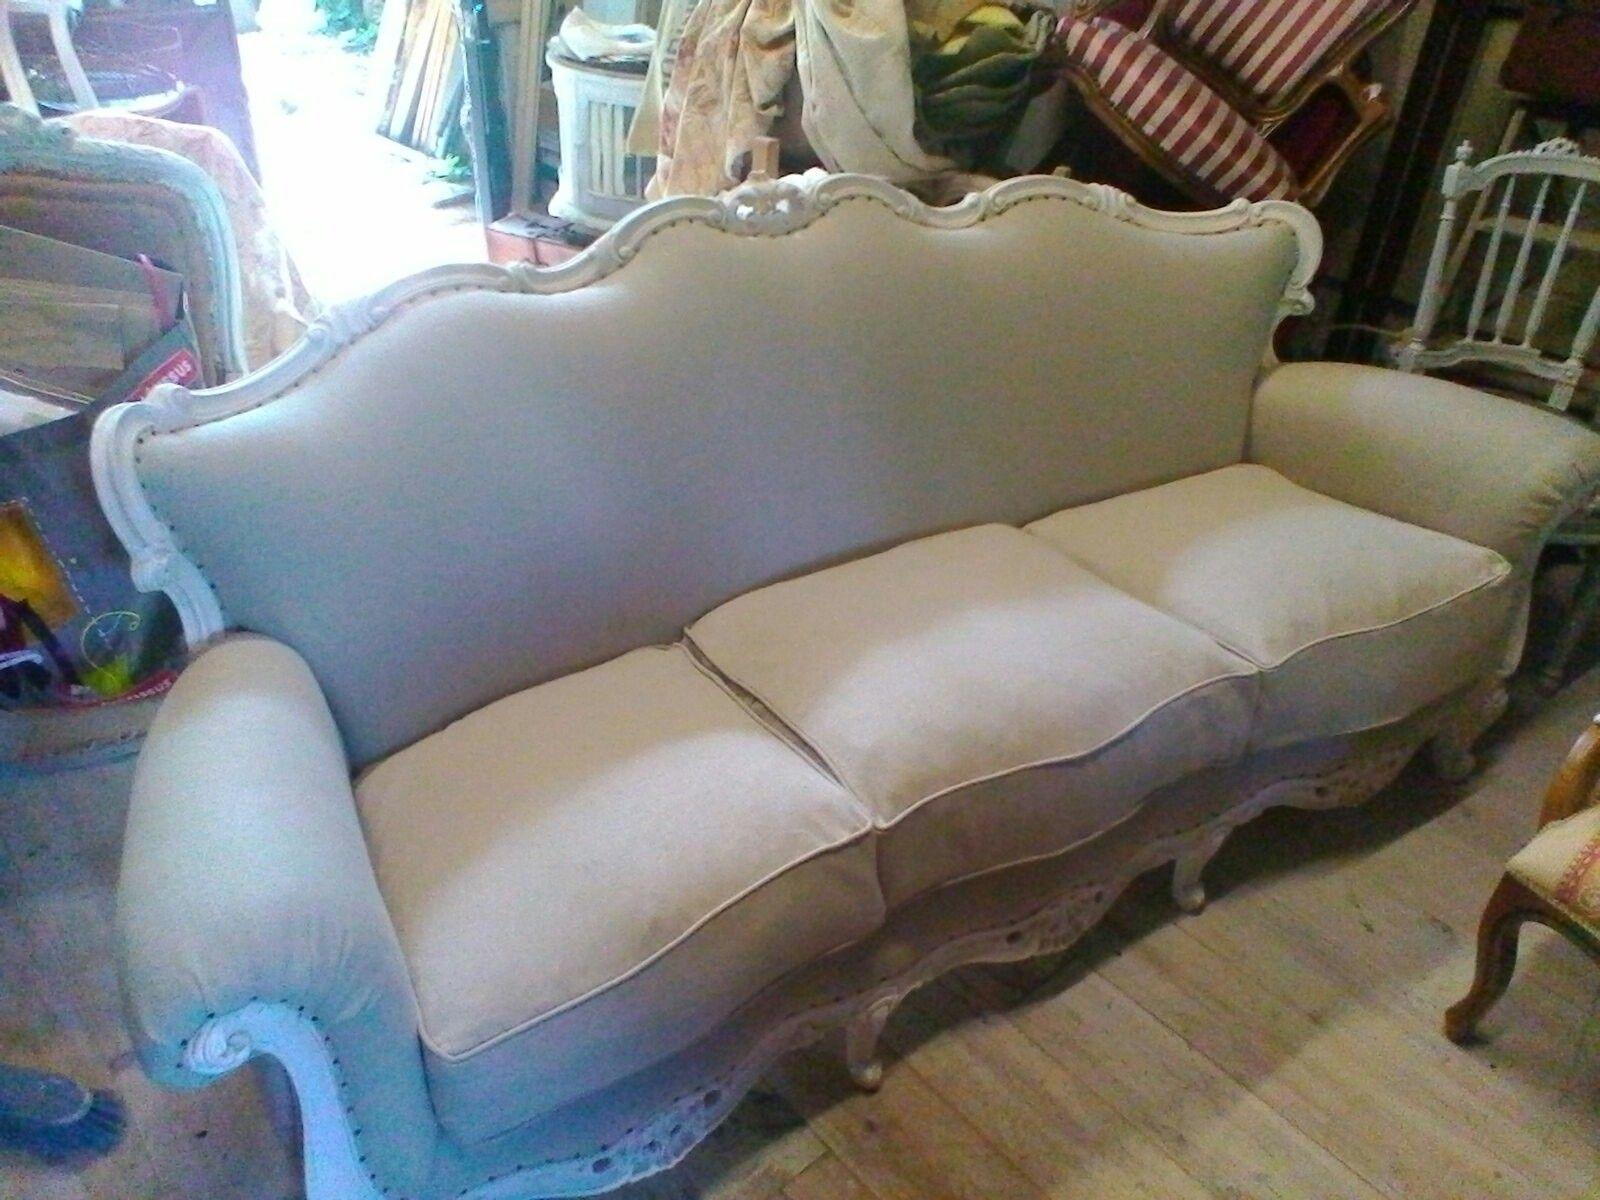 Canape Louis Xv Relooke Canape Vintage Canape Ancien Mobilier De Salon